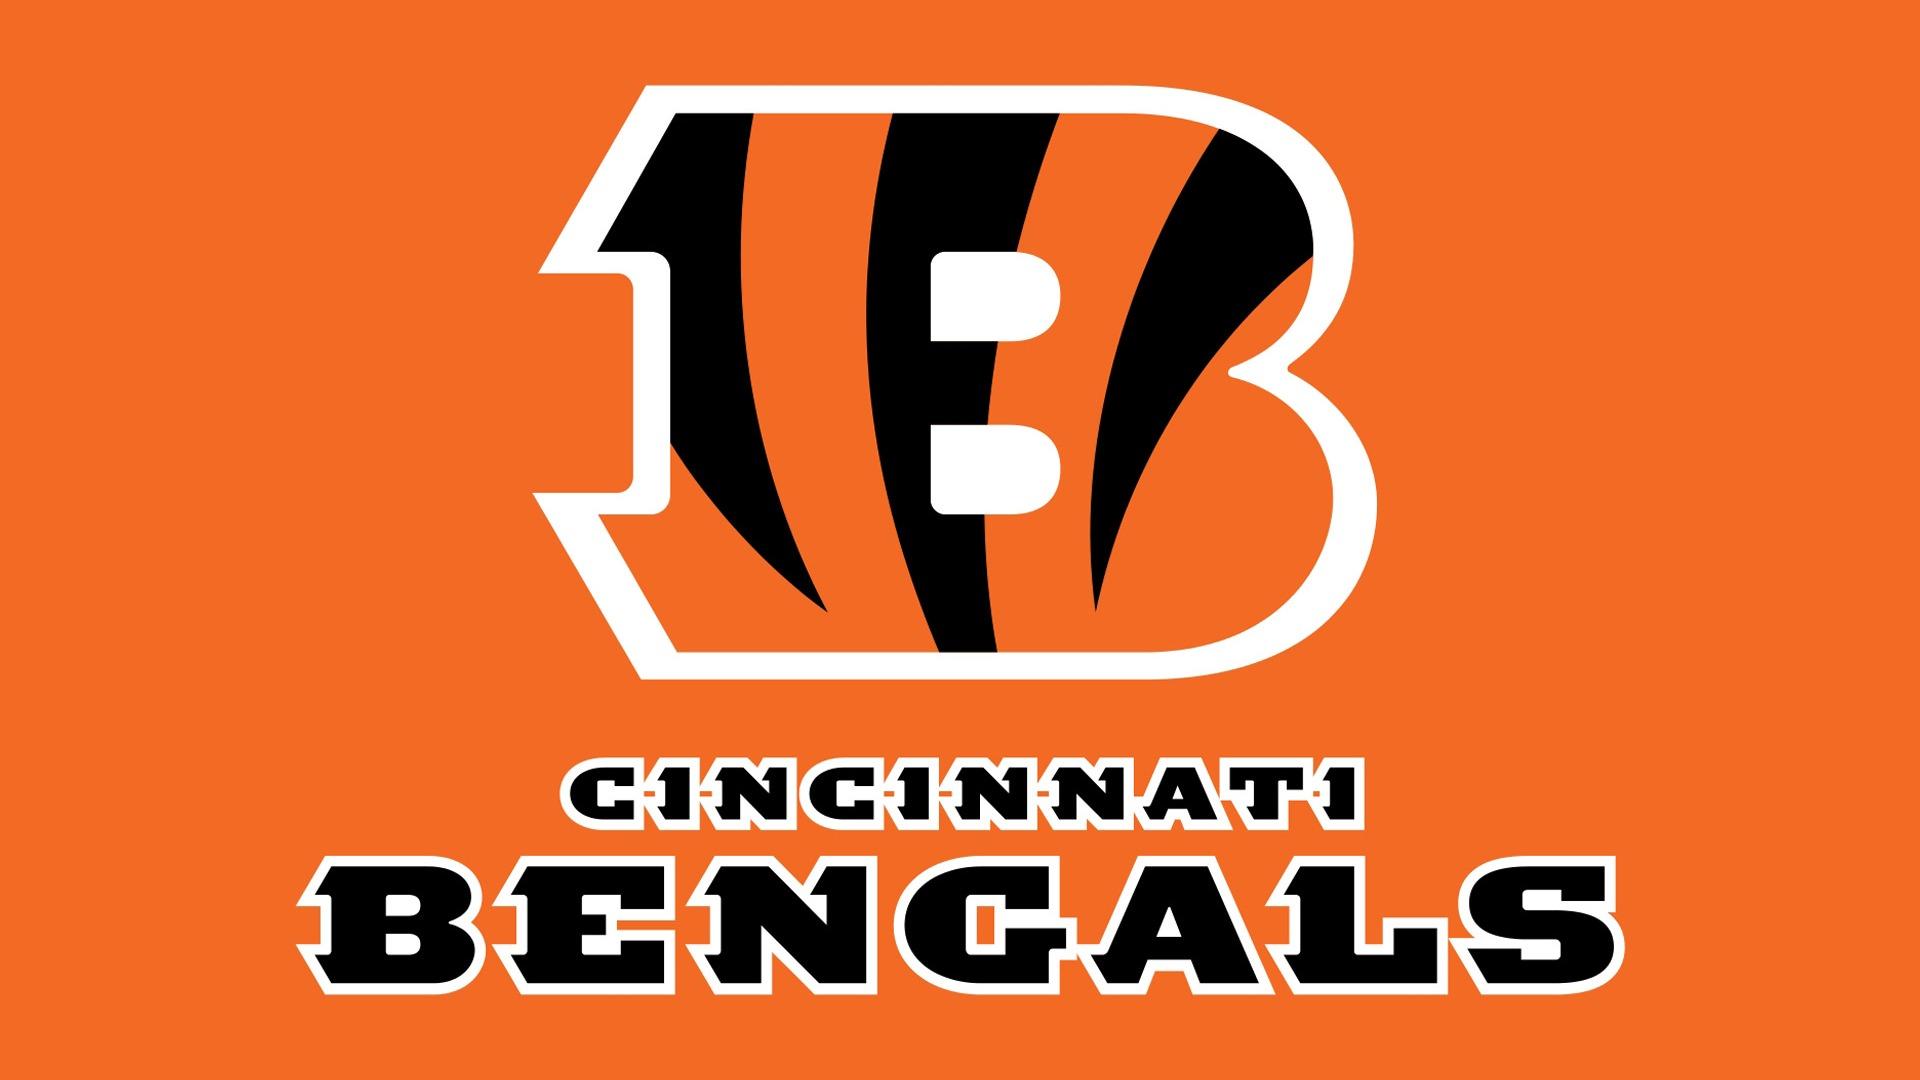 Cincinnati Bengals Logo drawing free image download